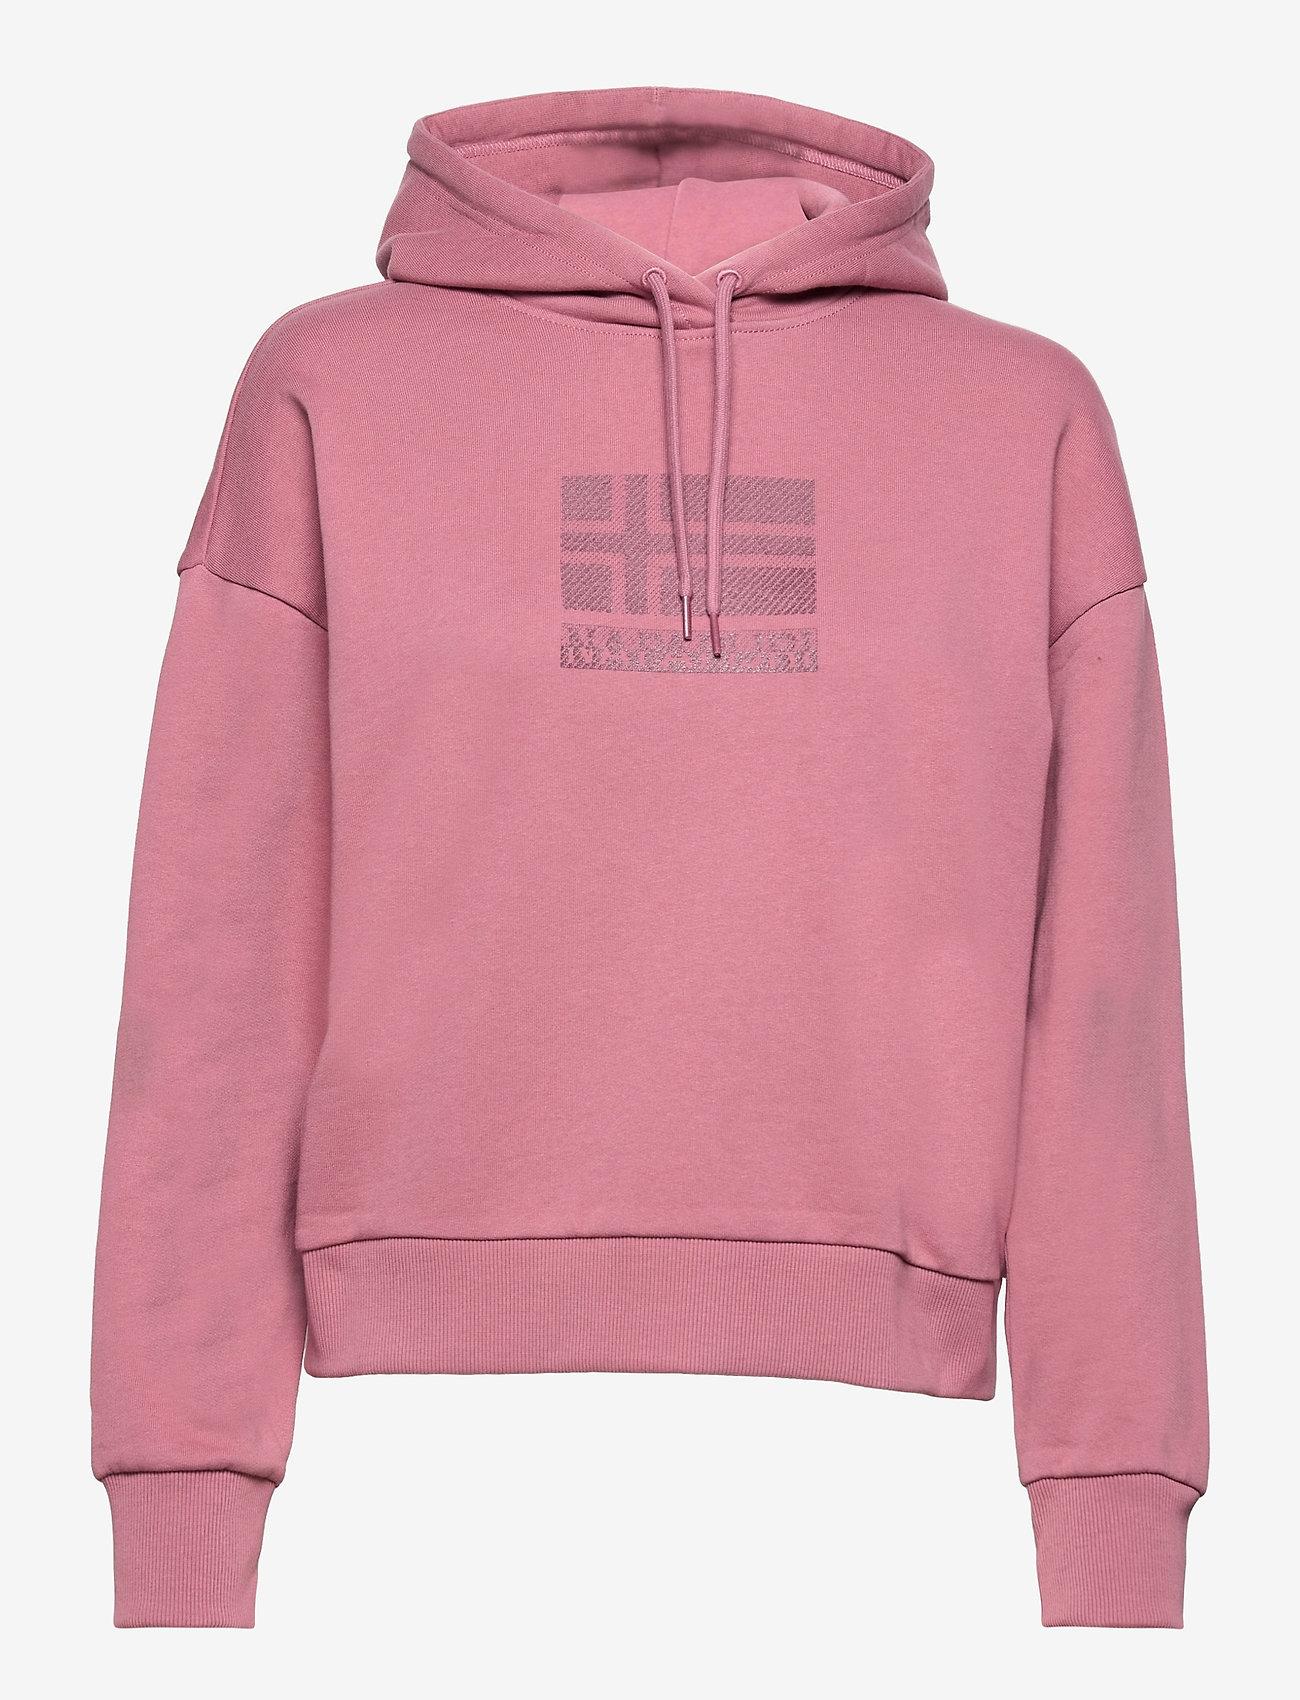 Napapijri - BEOL H - sweatshirts & hoodies - mesa rose - 0